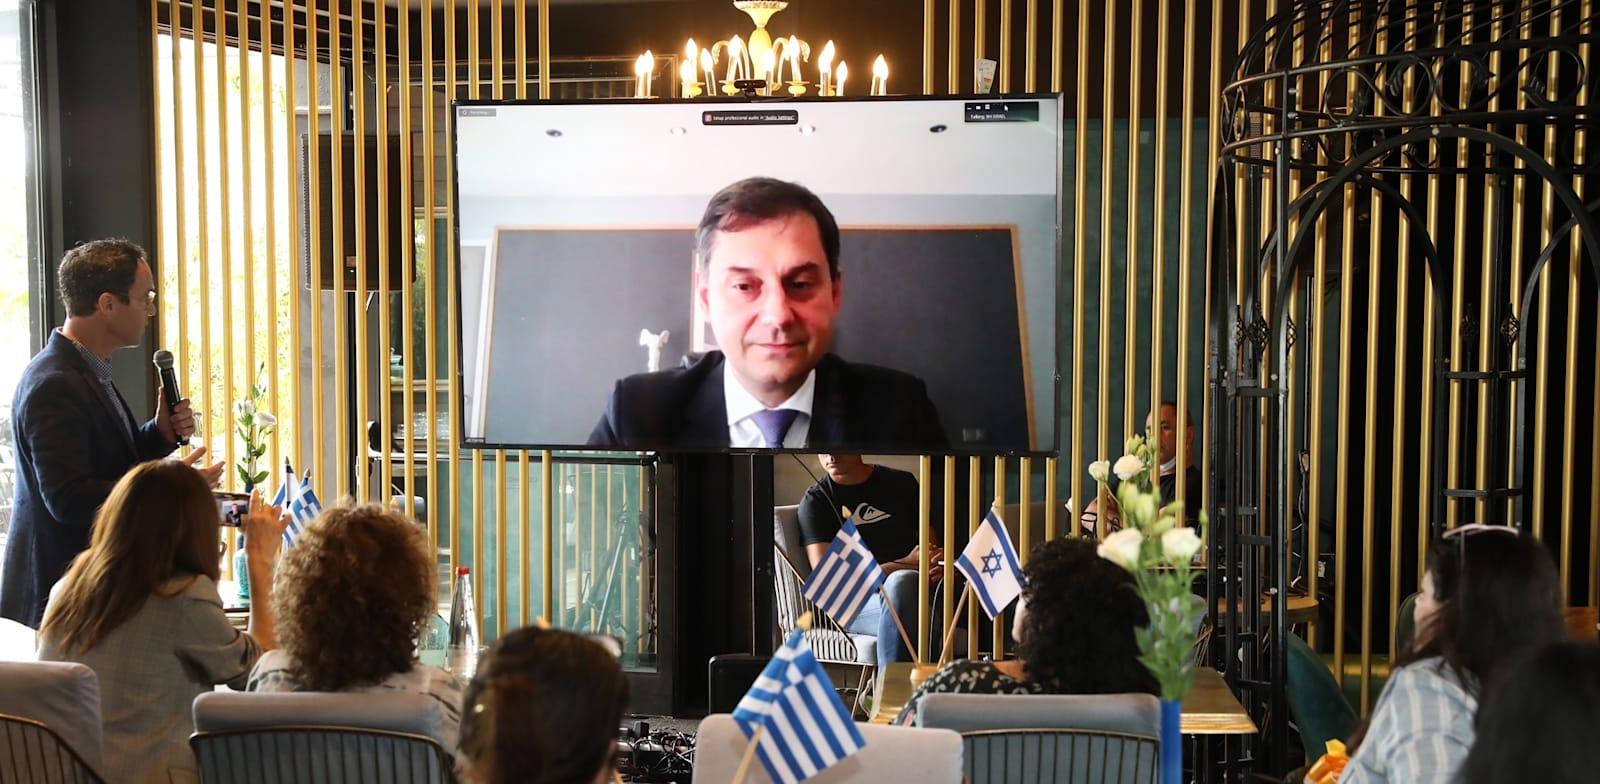 """שר התיירות היווני האריס תיאוהאריס במסיבת העיתונאים של מלונות בראון / צילום: יח""""צ, רפי דלויה"""